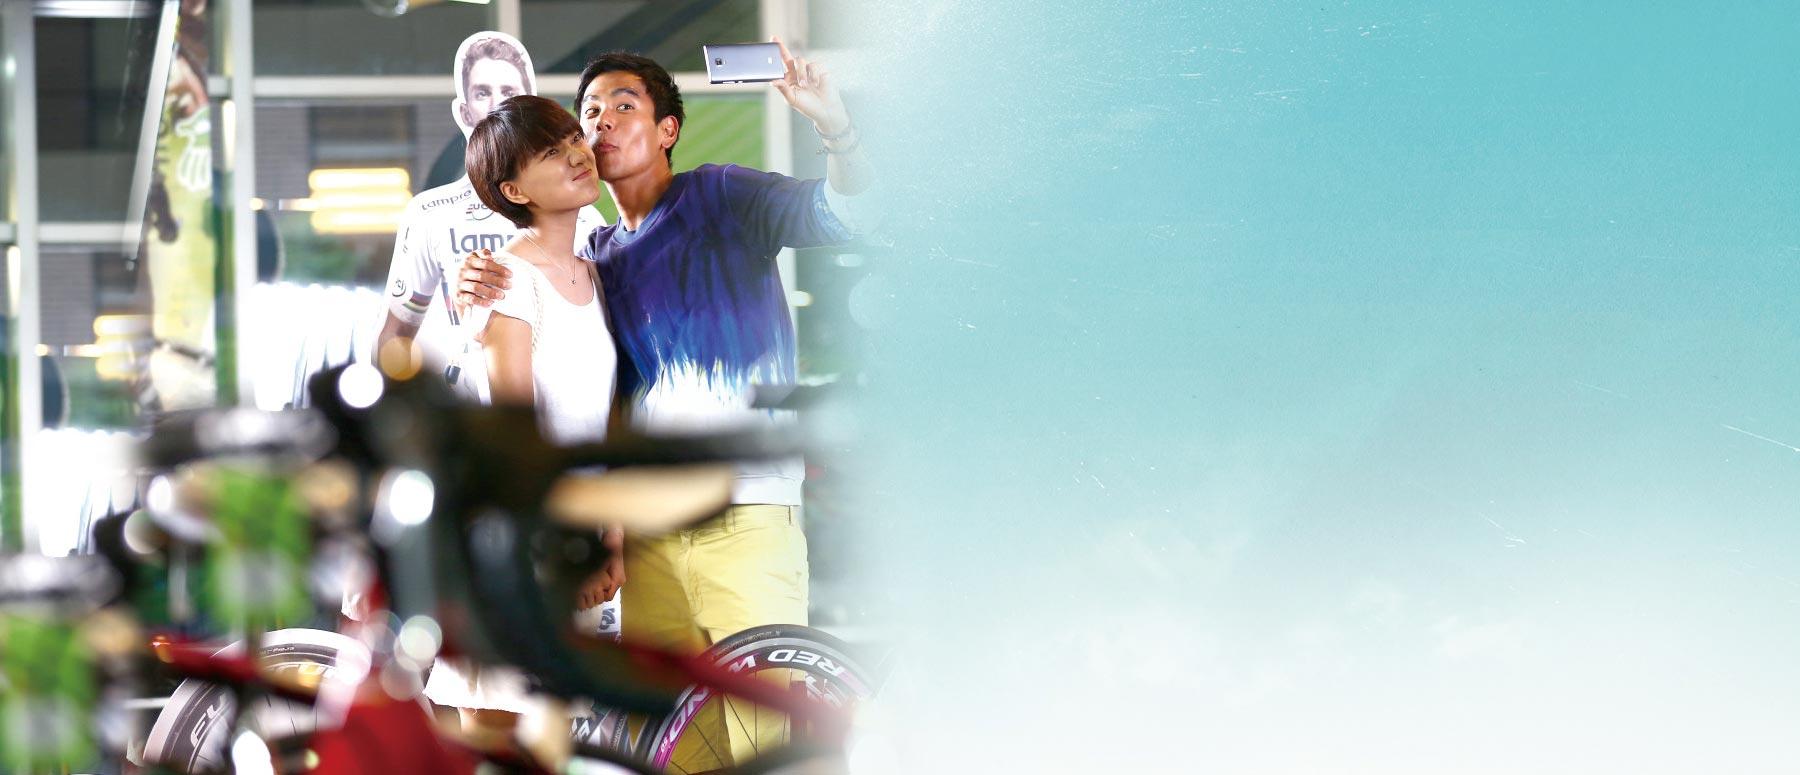 【短髪娘】ショートカット大好きフェチ集合!!14 [無断転載禁止]©bbspink.comYouTube動画>10本 ->画像>211枚